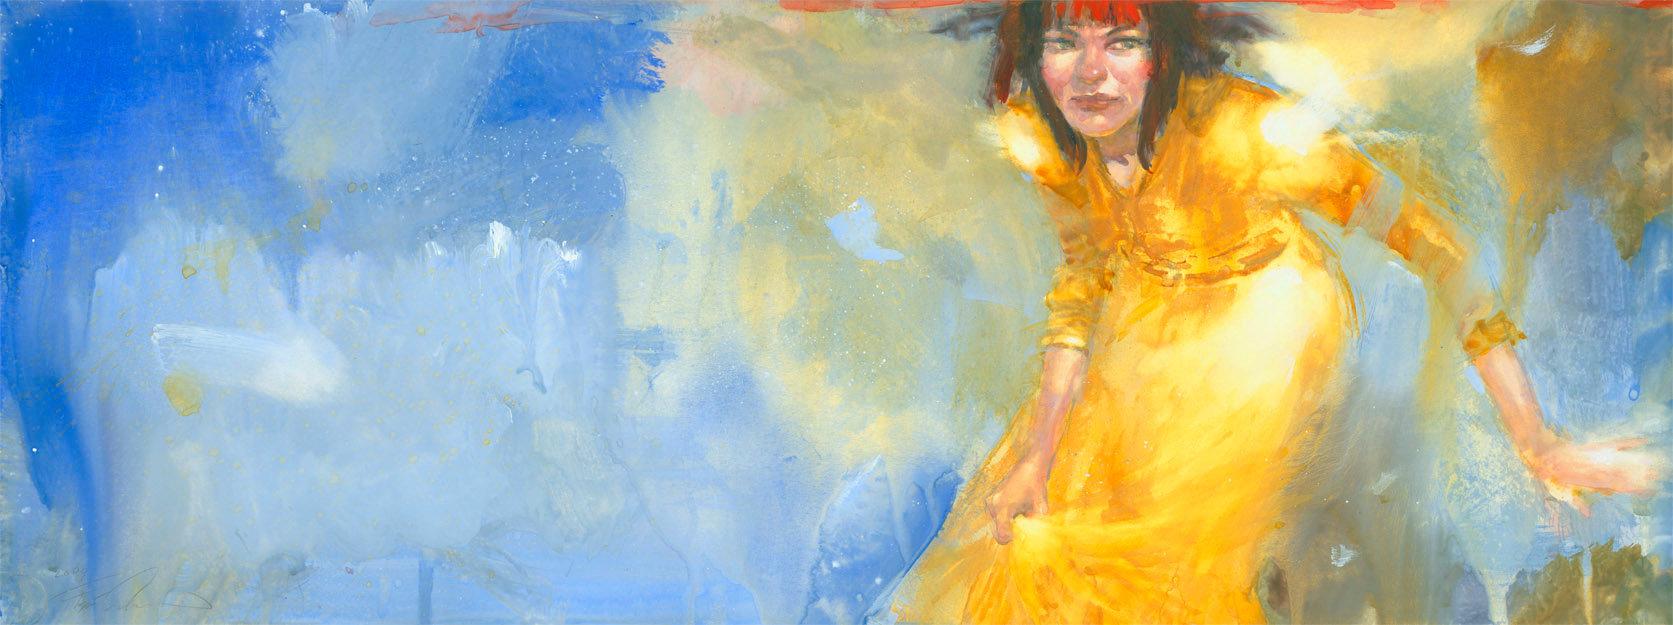 0006_dress of light3.jpg